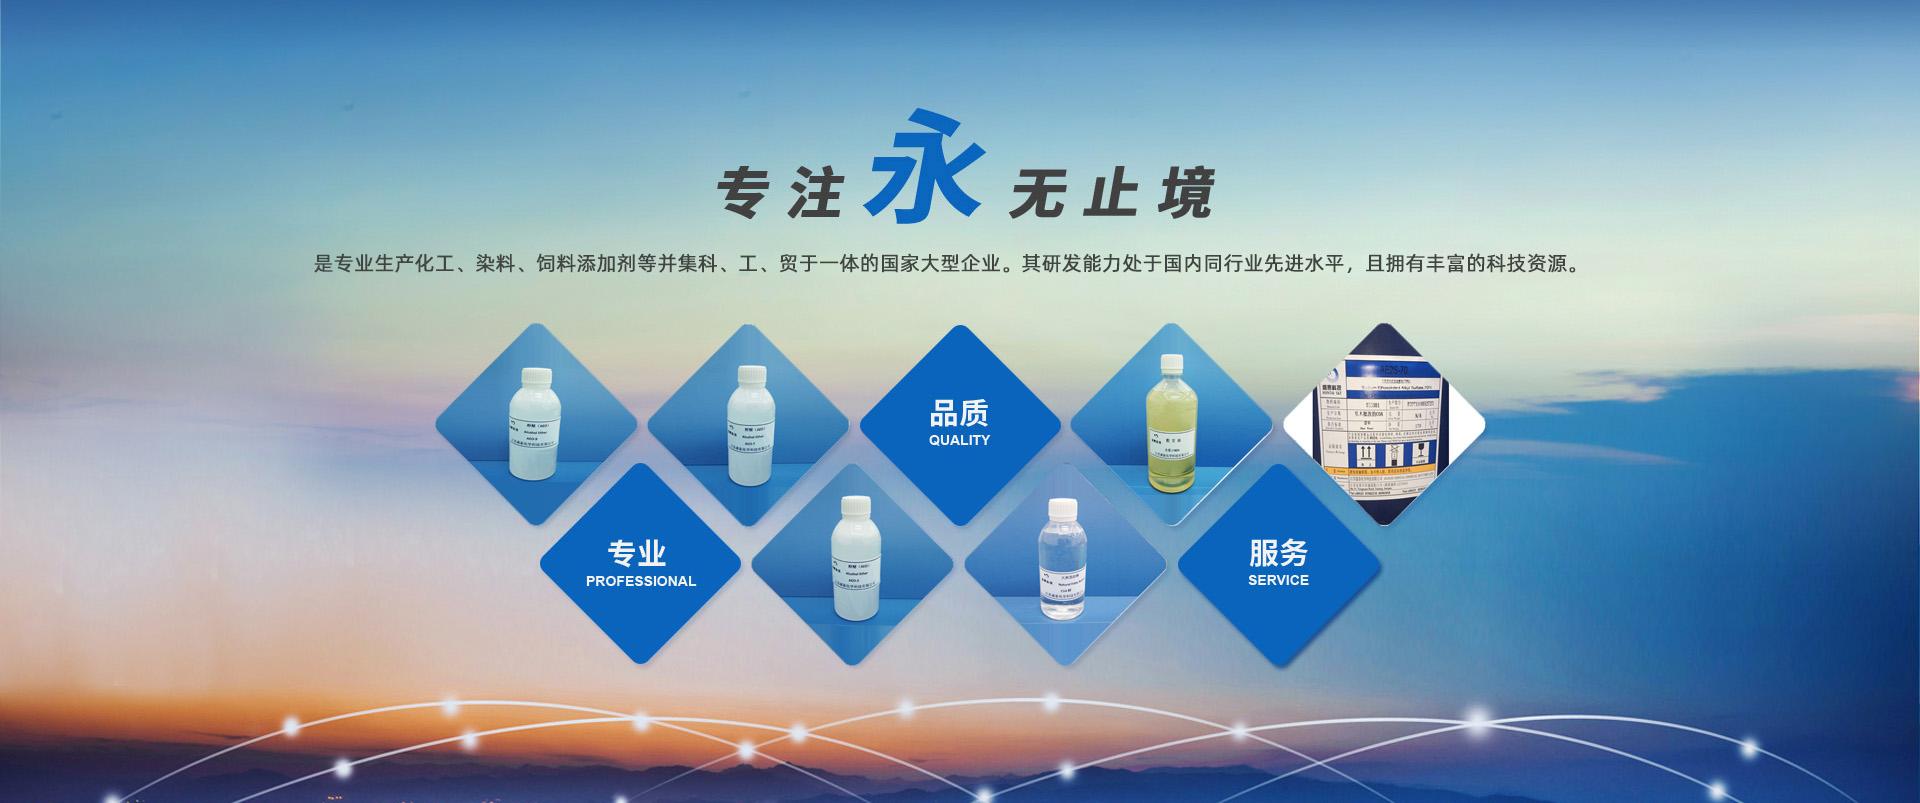 江苏盛泰化学科技有限公司